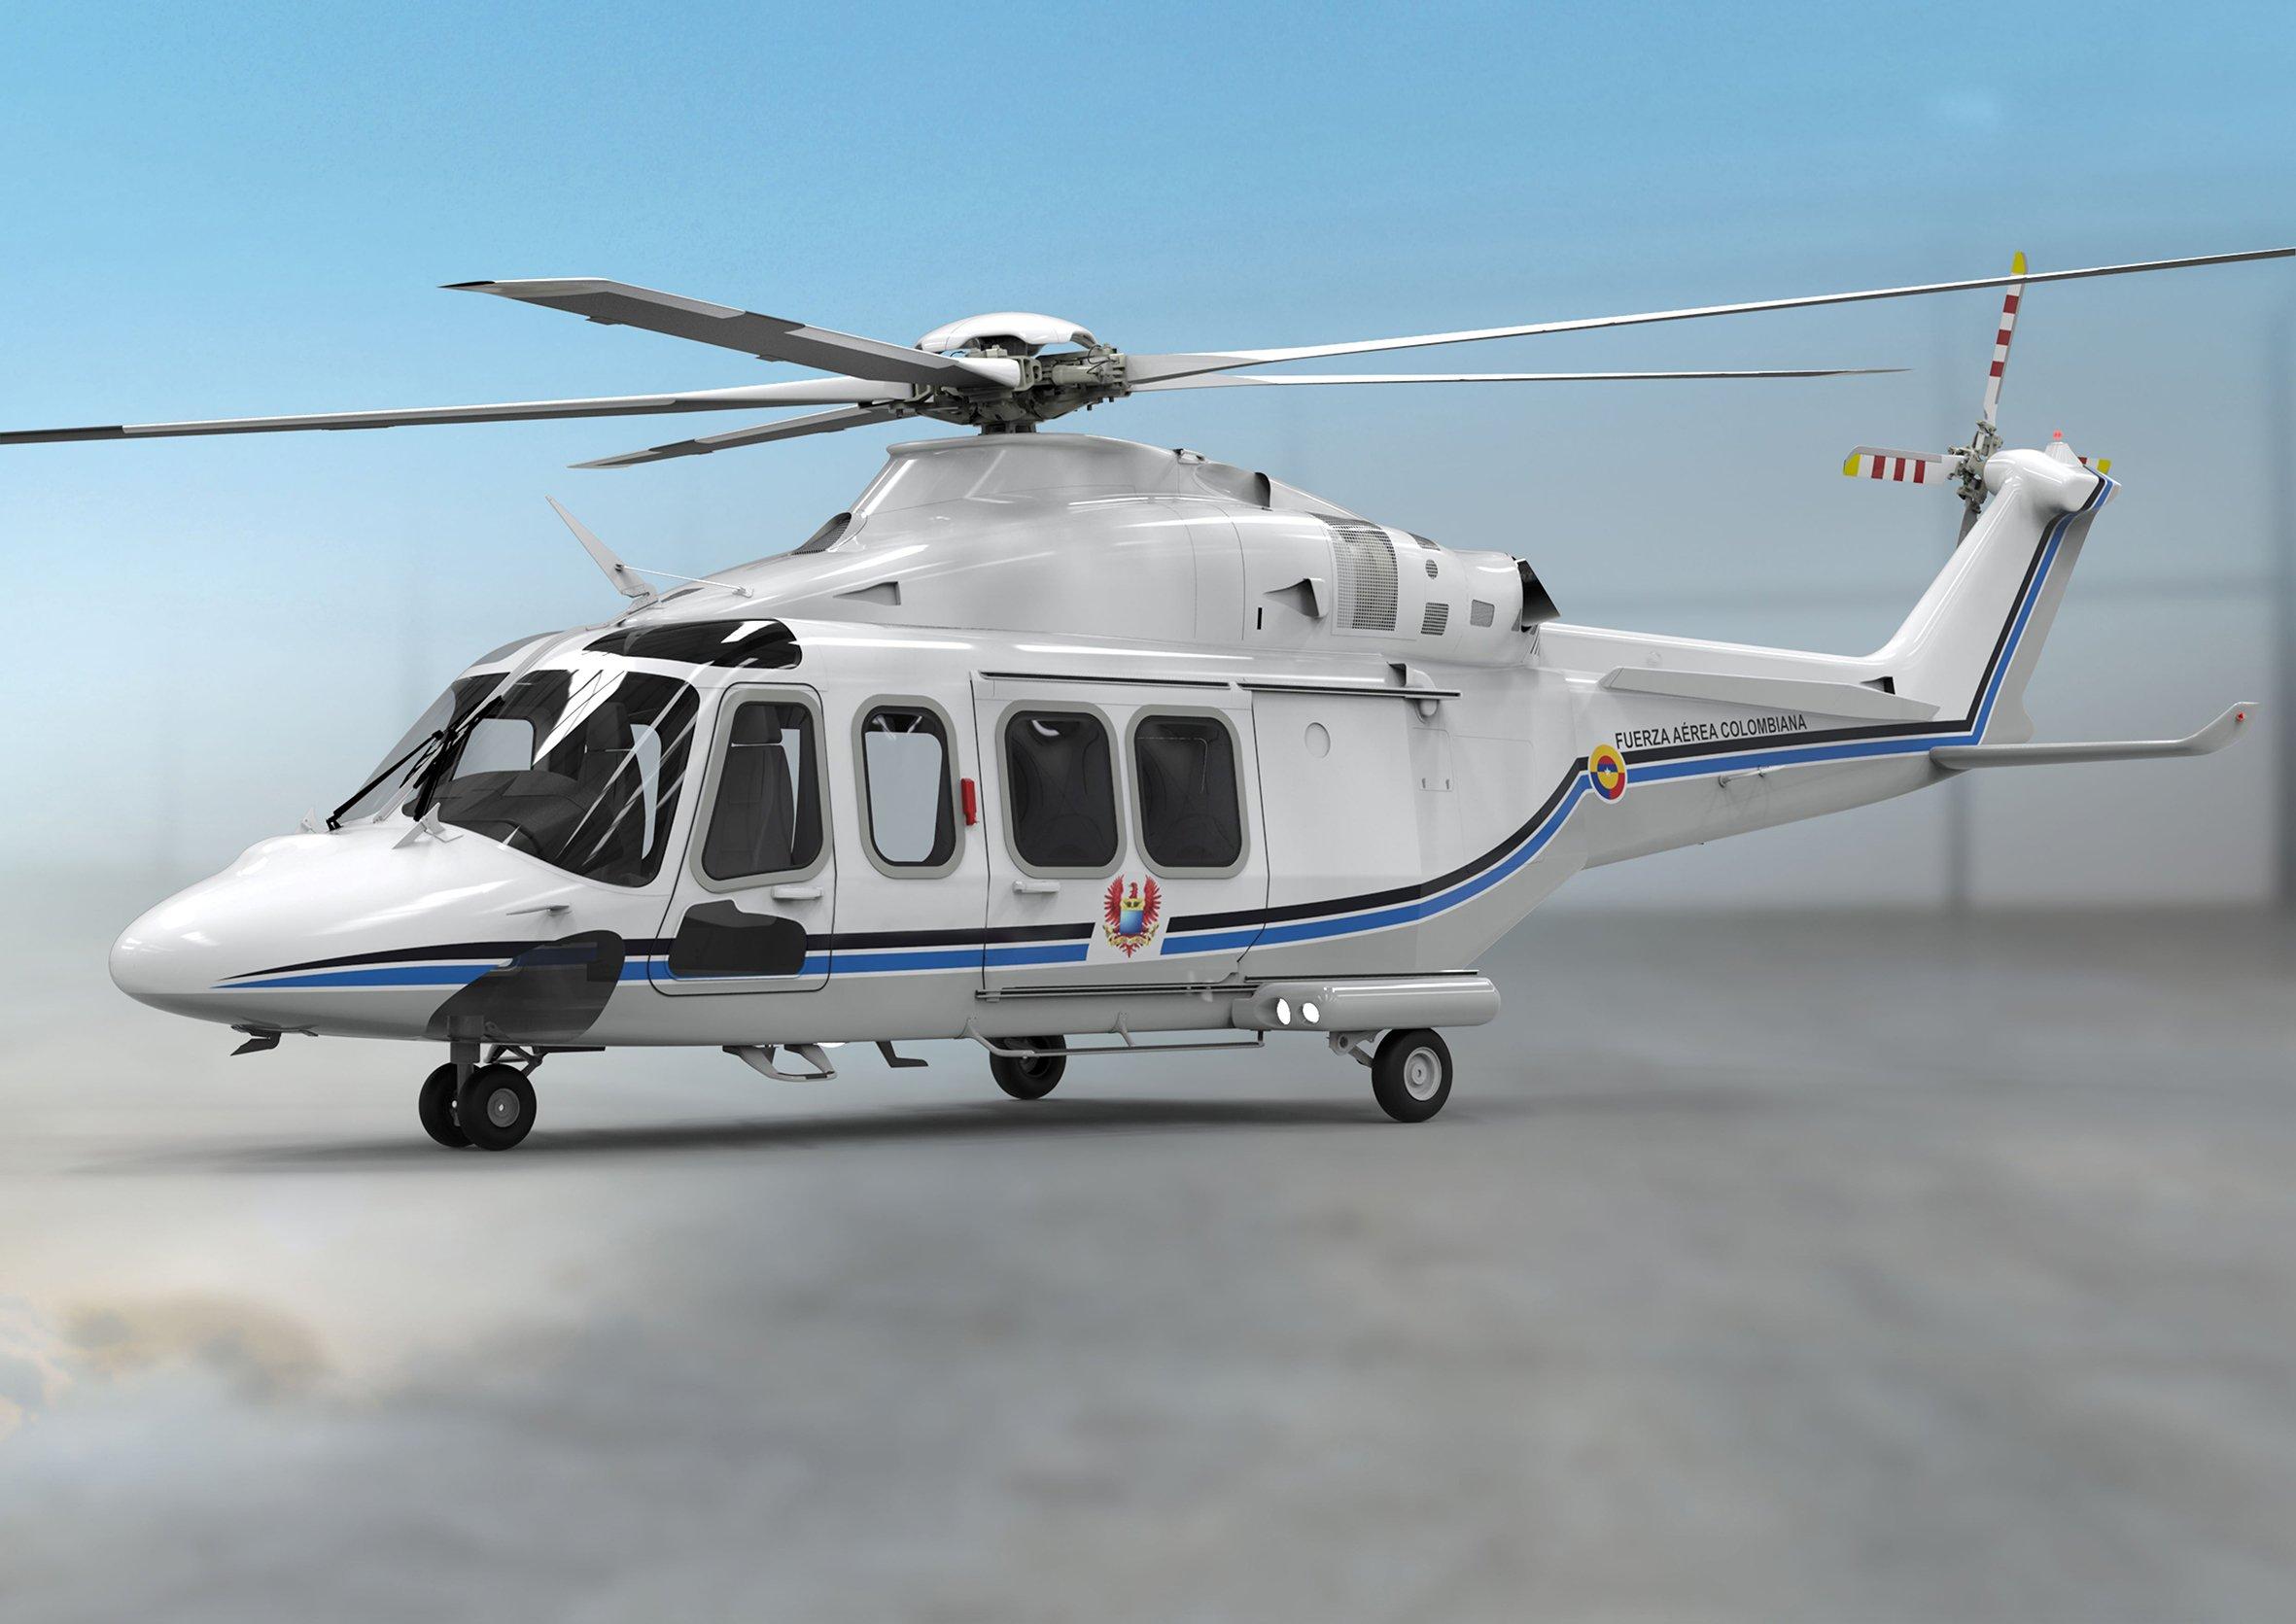 Colombian Air Force AW139 VVIP [Leonardo]